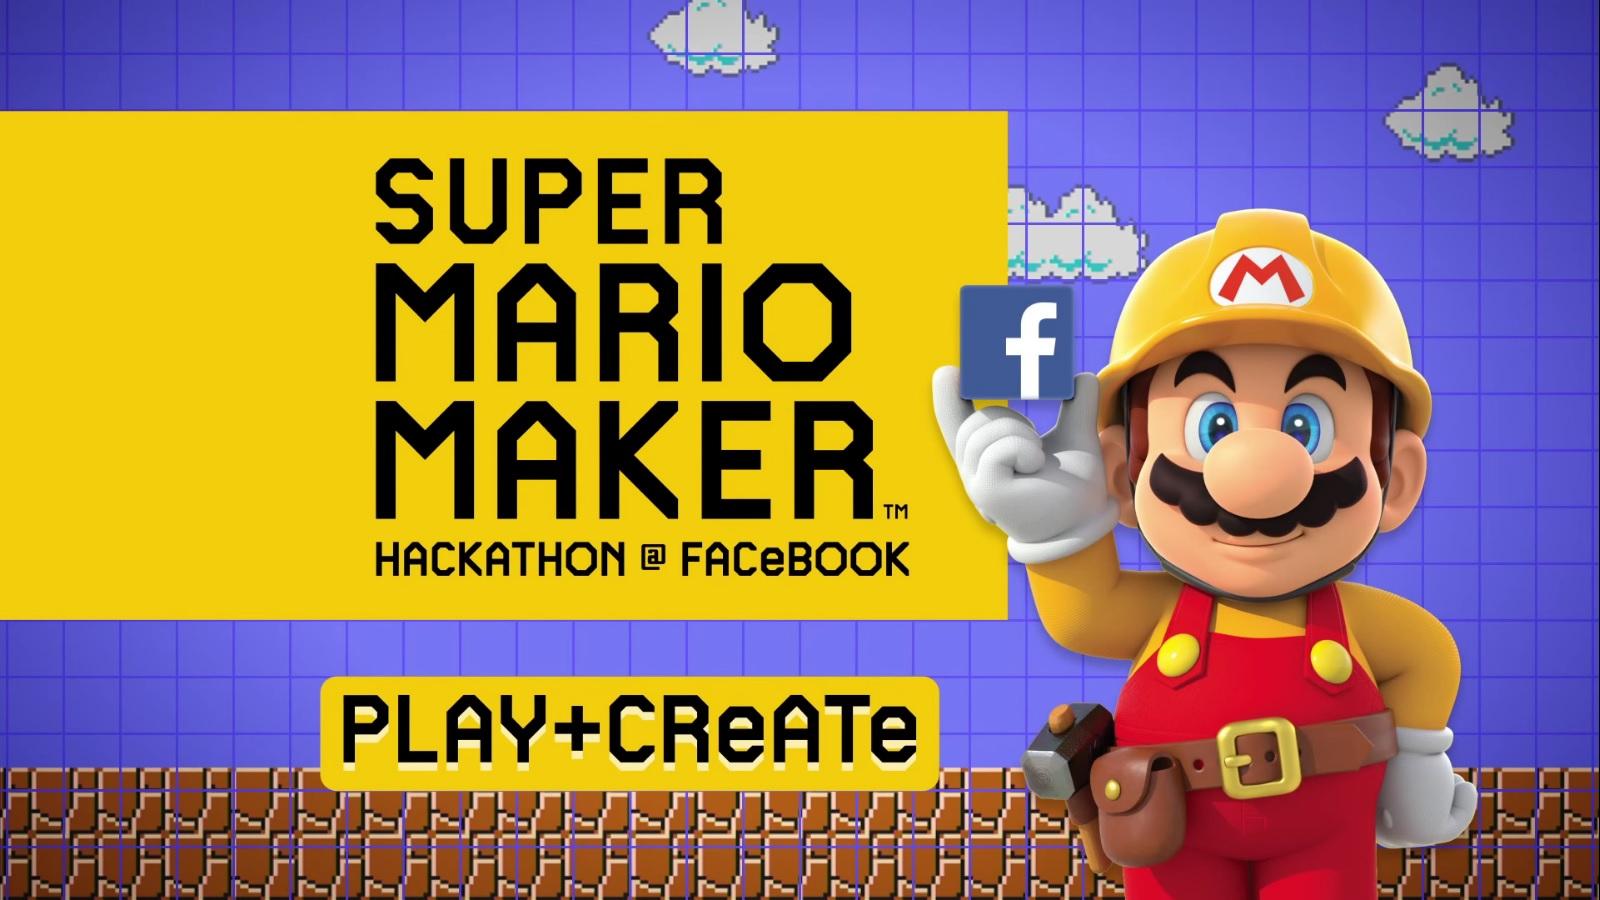 Super Mario Maker Facebook Hackathon Episode 1 Play